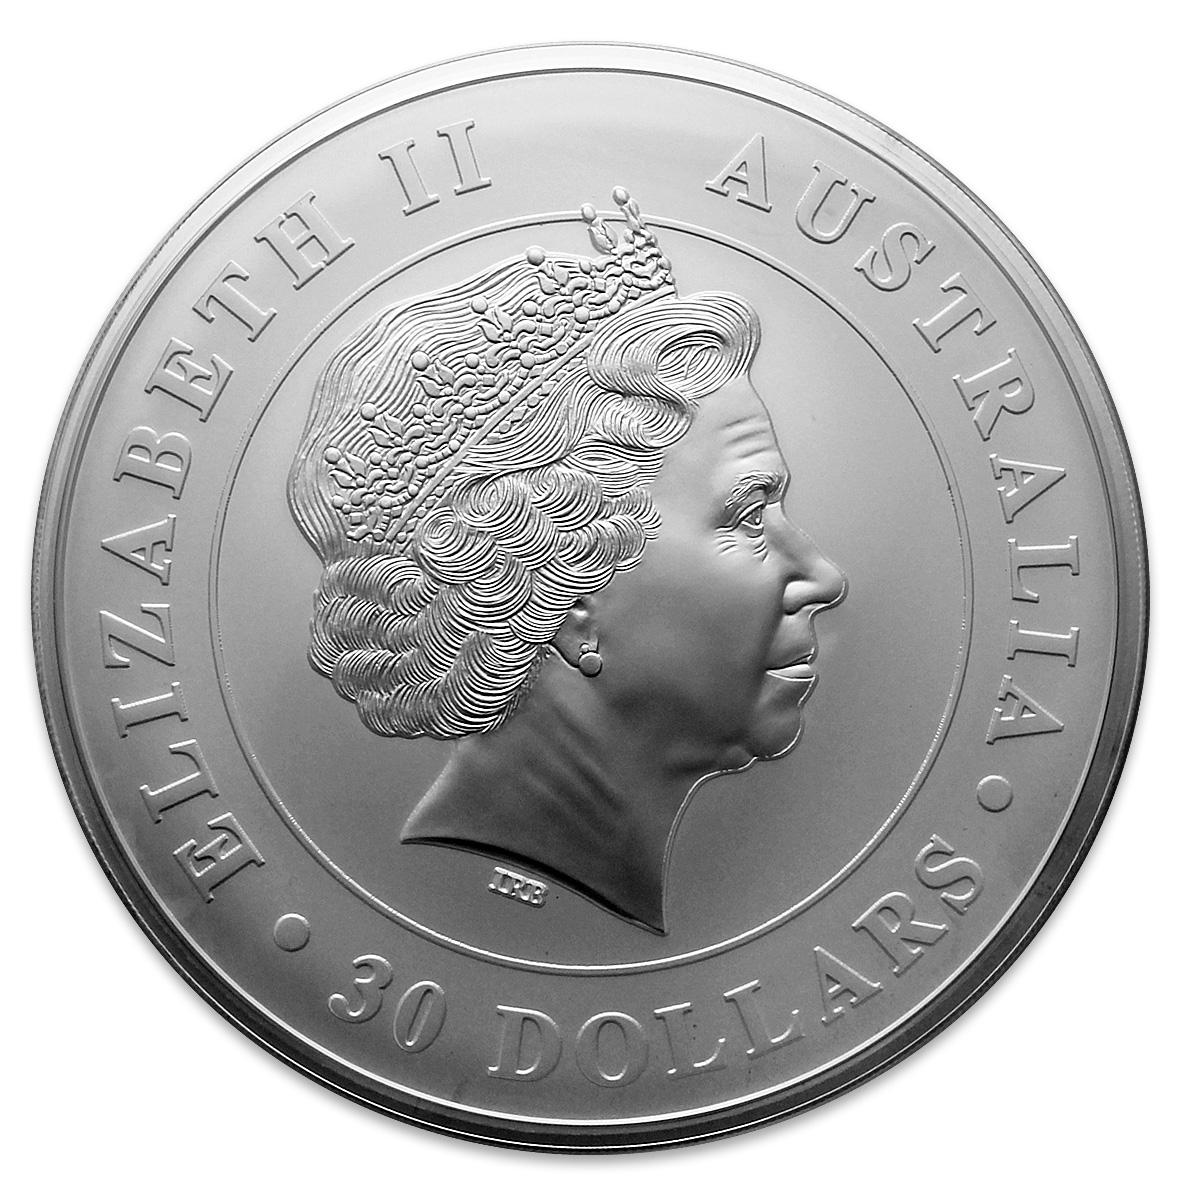 Kilo Silvers: 1 Kilo Silver Coin